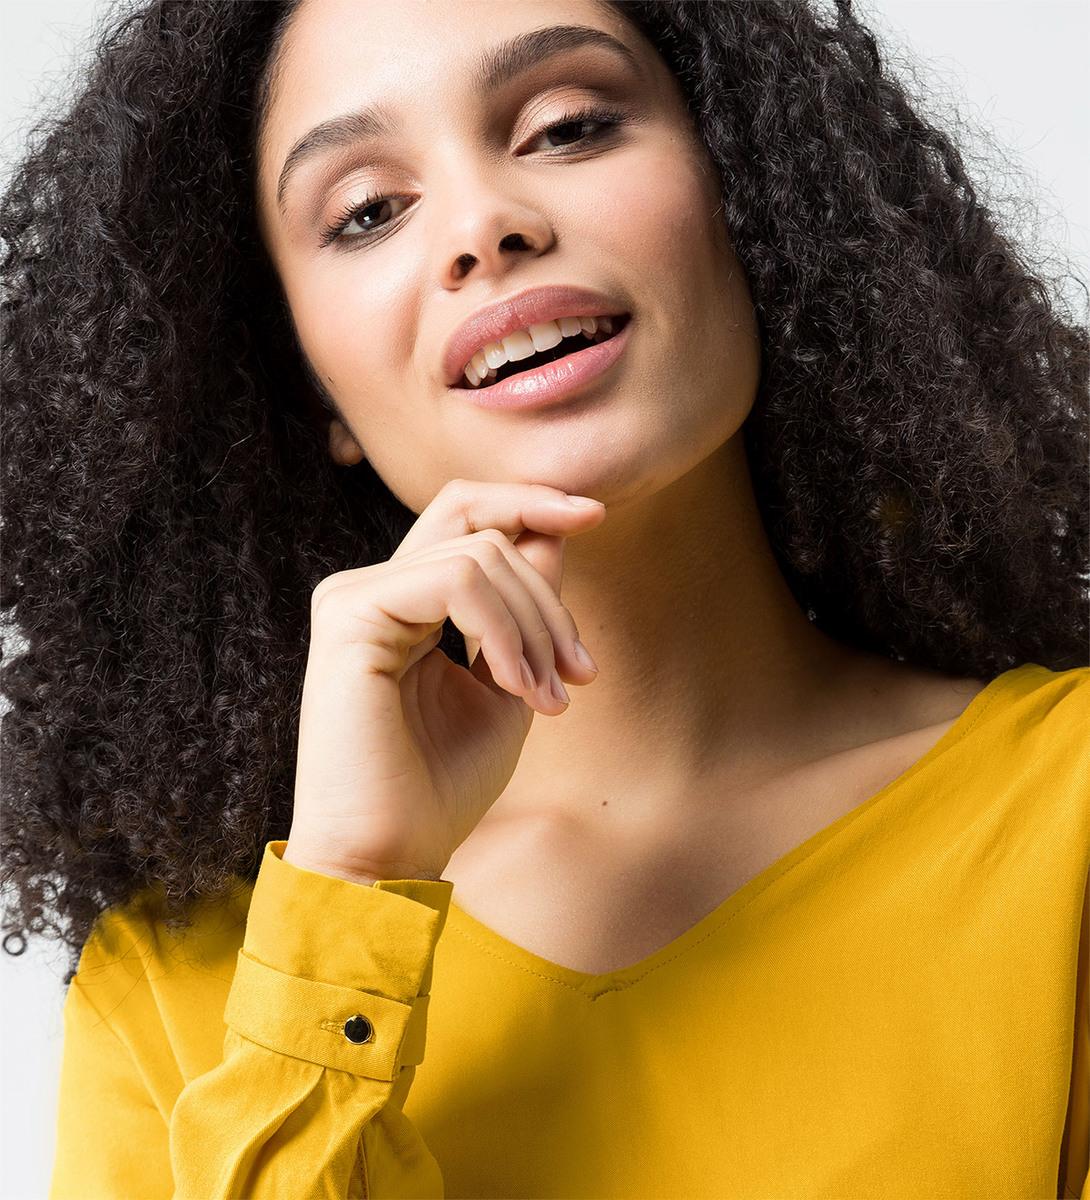 Bluse mit V-Ausschnitt in safran yellow